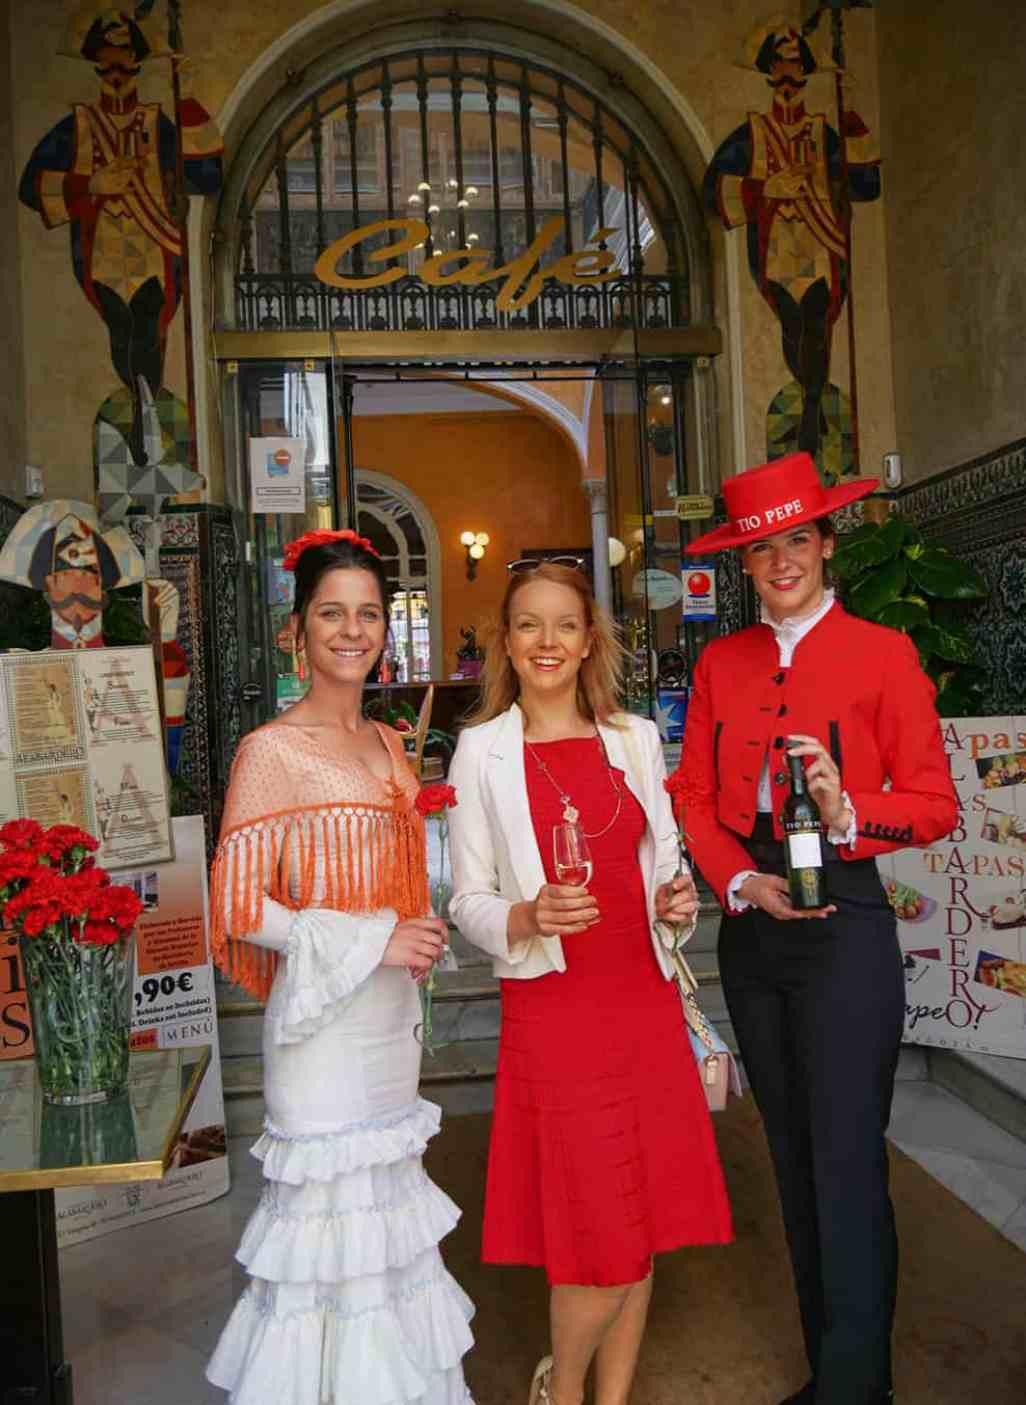 Seville_feria_review